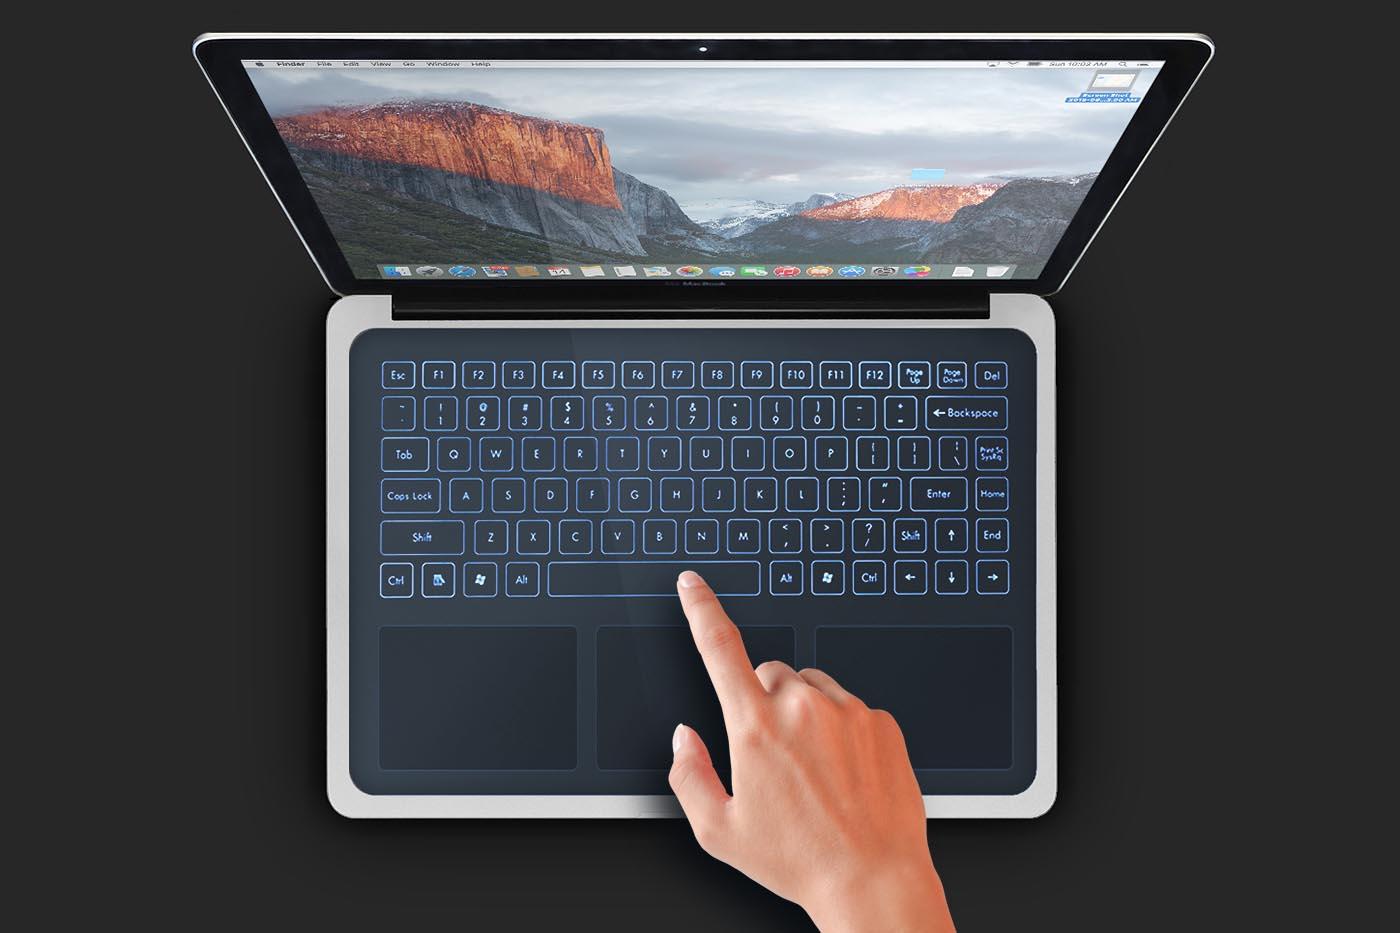 Apple Macbook teclado virtual